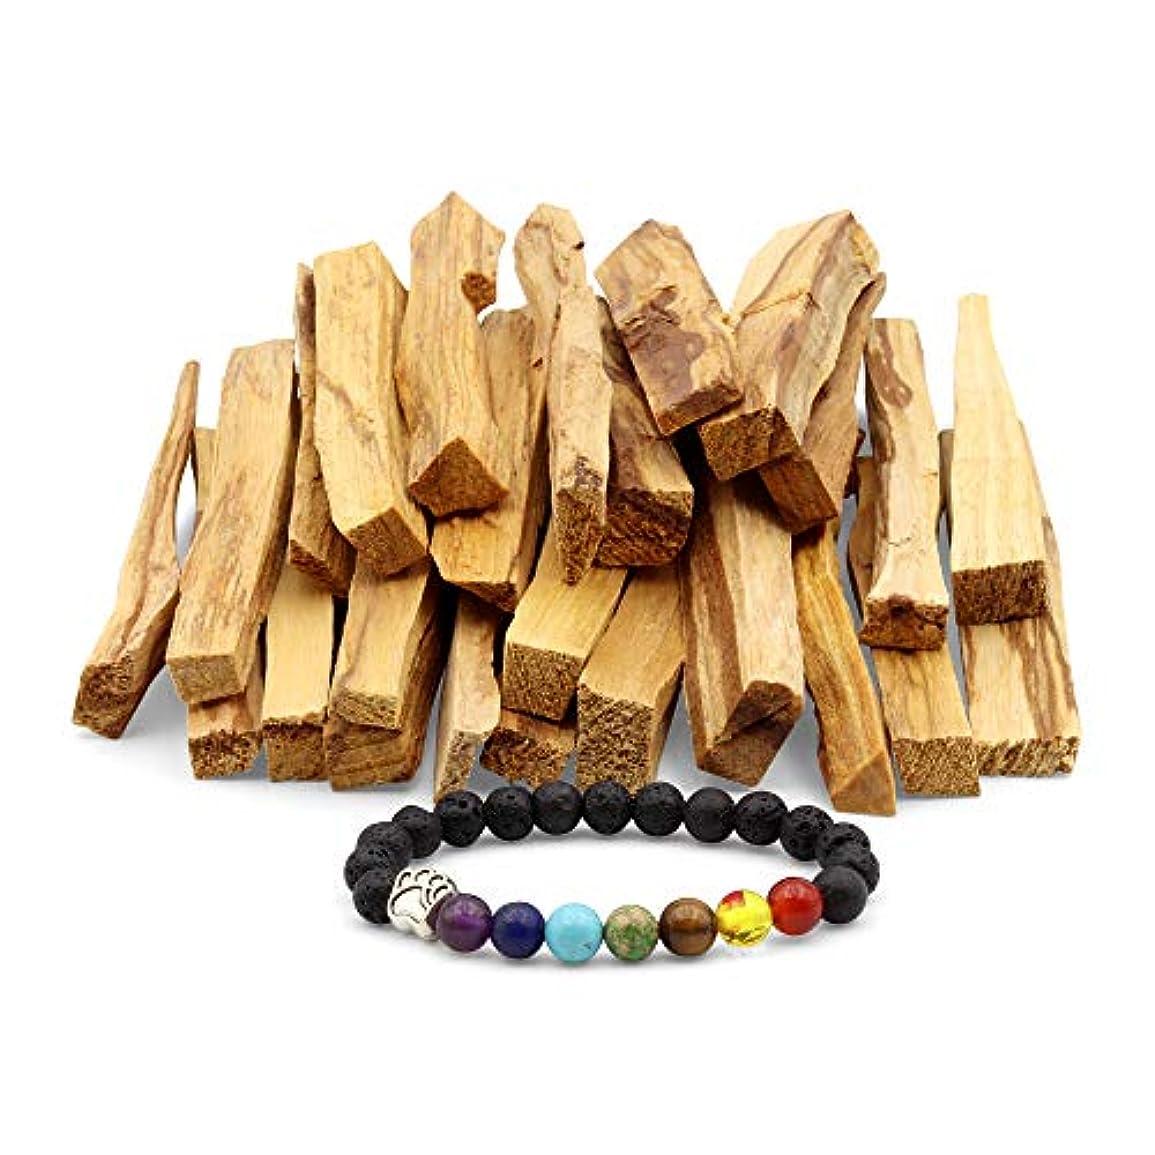 トロリー本当のことを言うとトイレJL Local 天然パロサント香 - スマッジ、クレンジング、瞑想、ヨガの練習に - ホームフレグランス/アロマセラピーに 25 Sticks